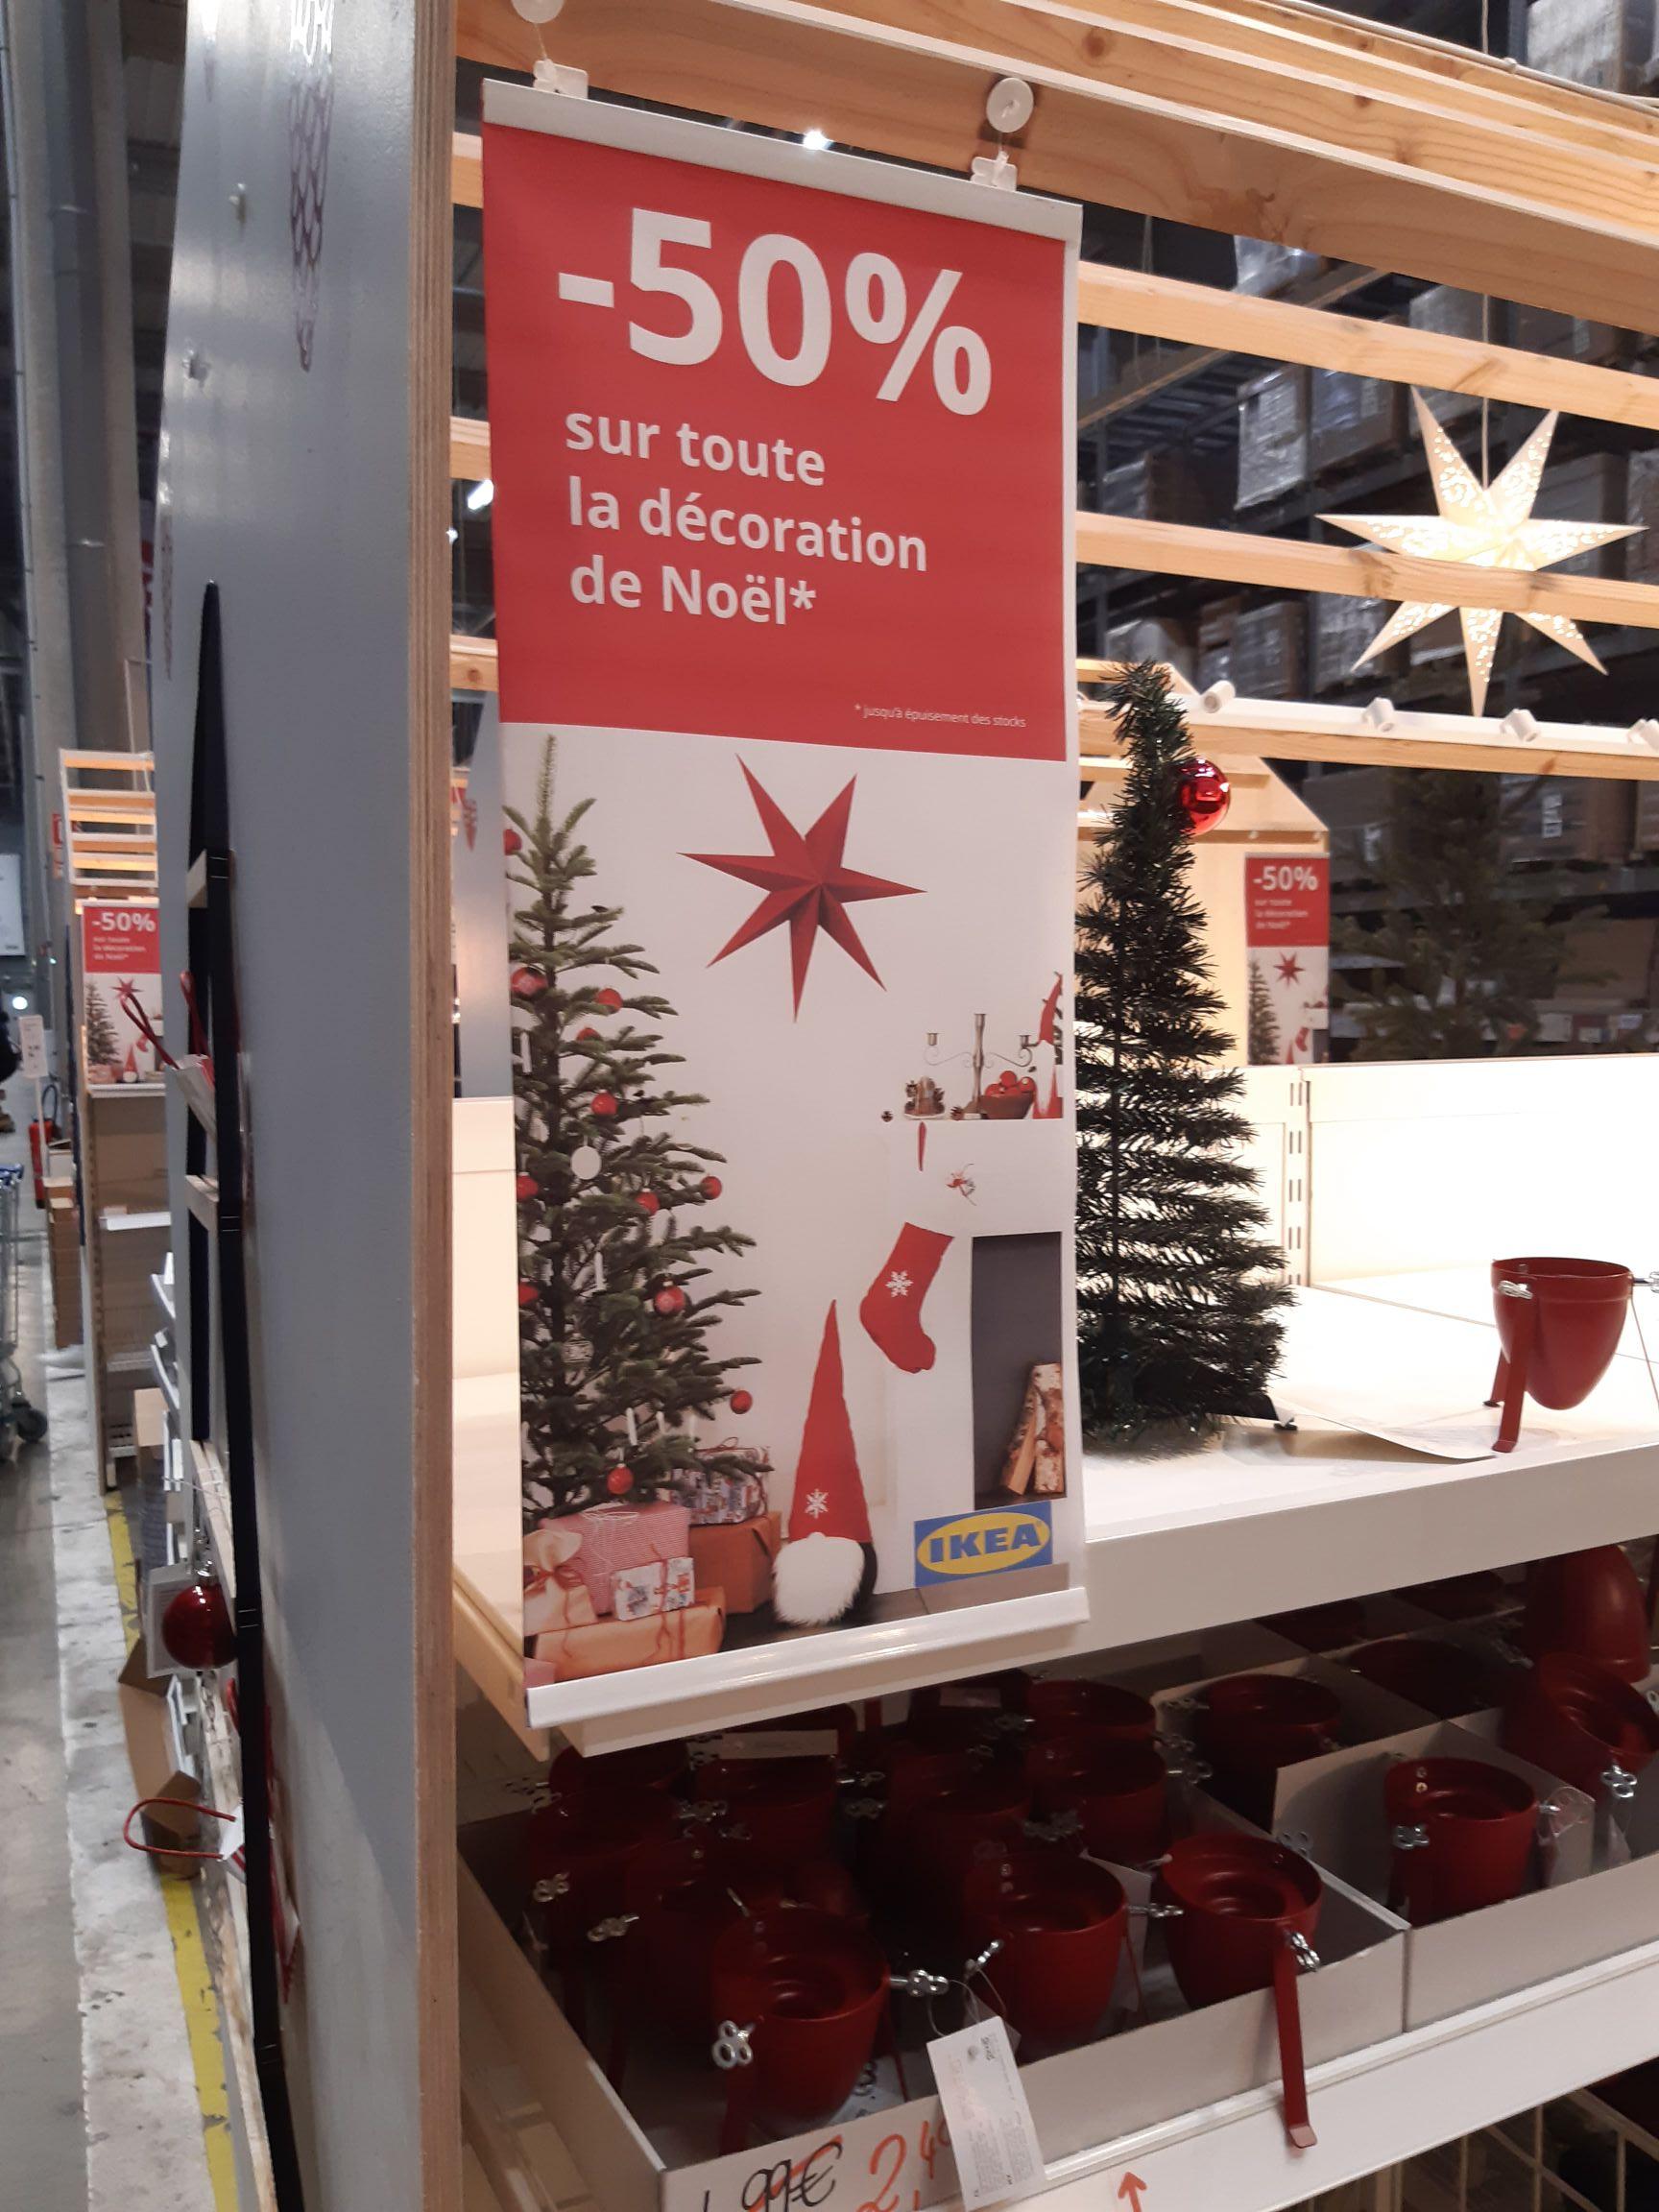 50% de réduction sur la décoration de Noël - Roques sur Garonne (31)